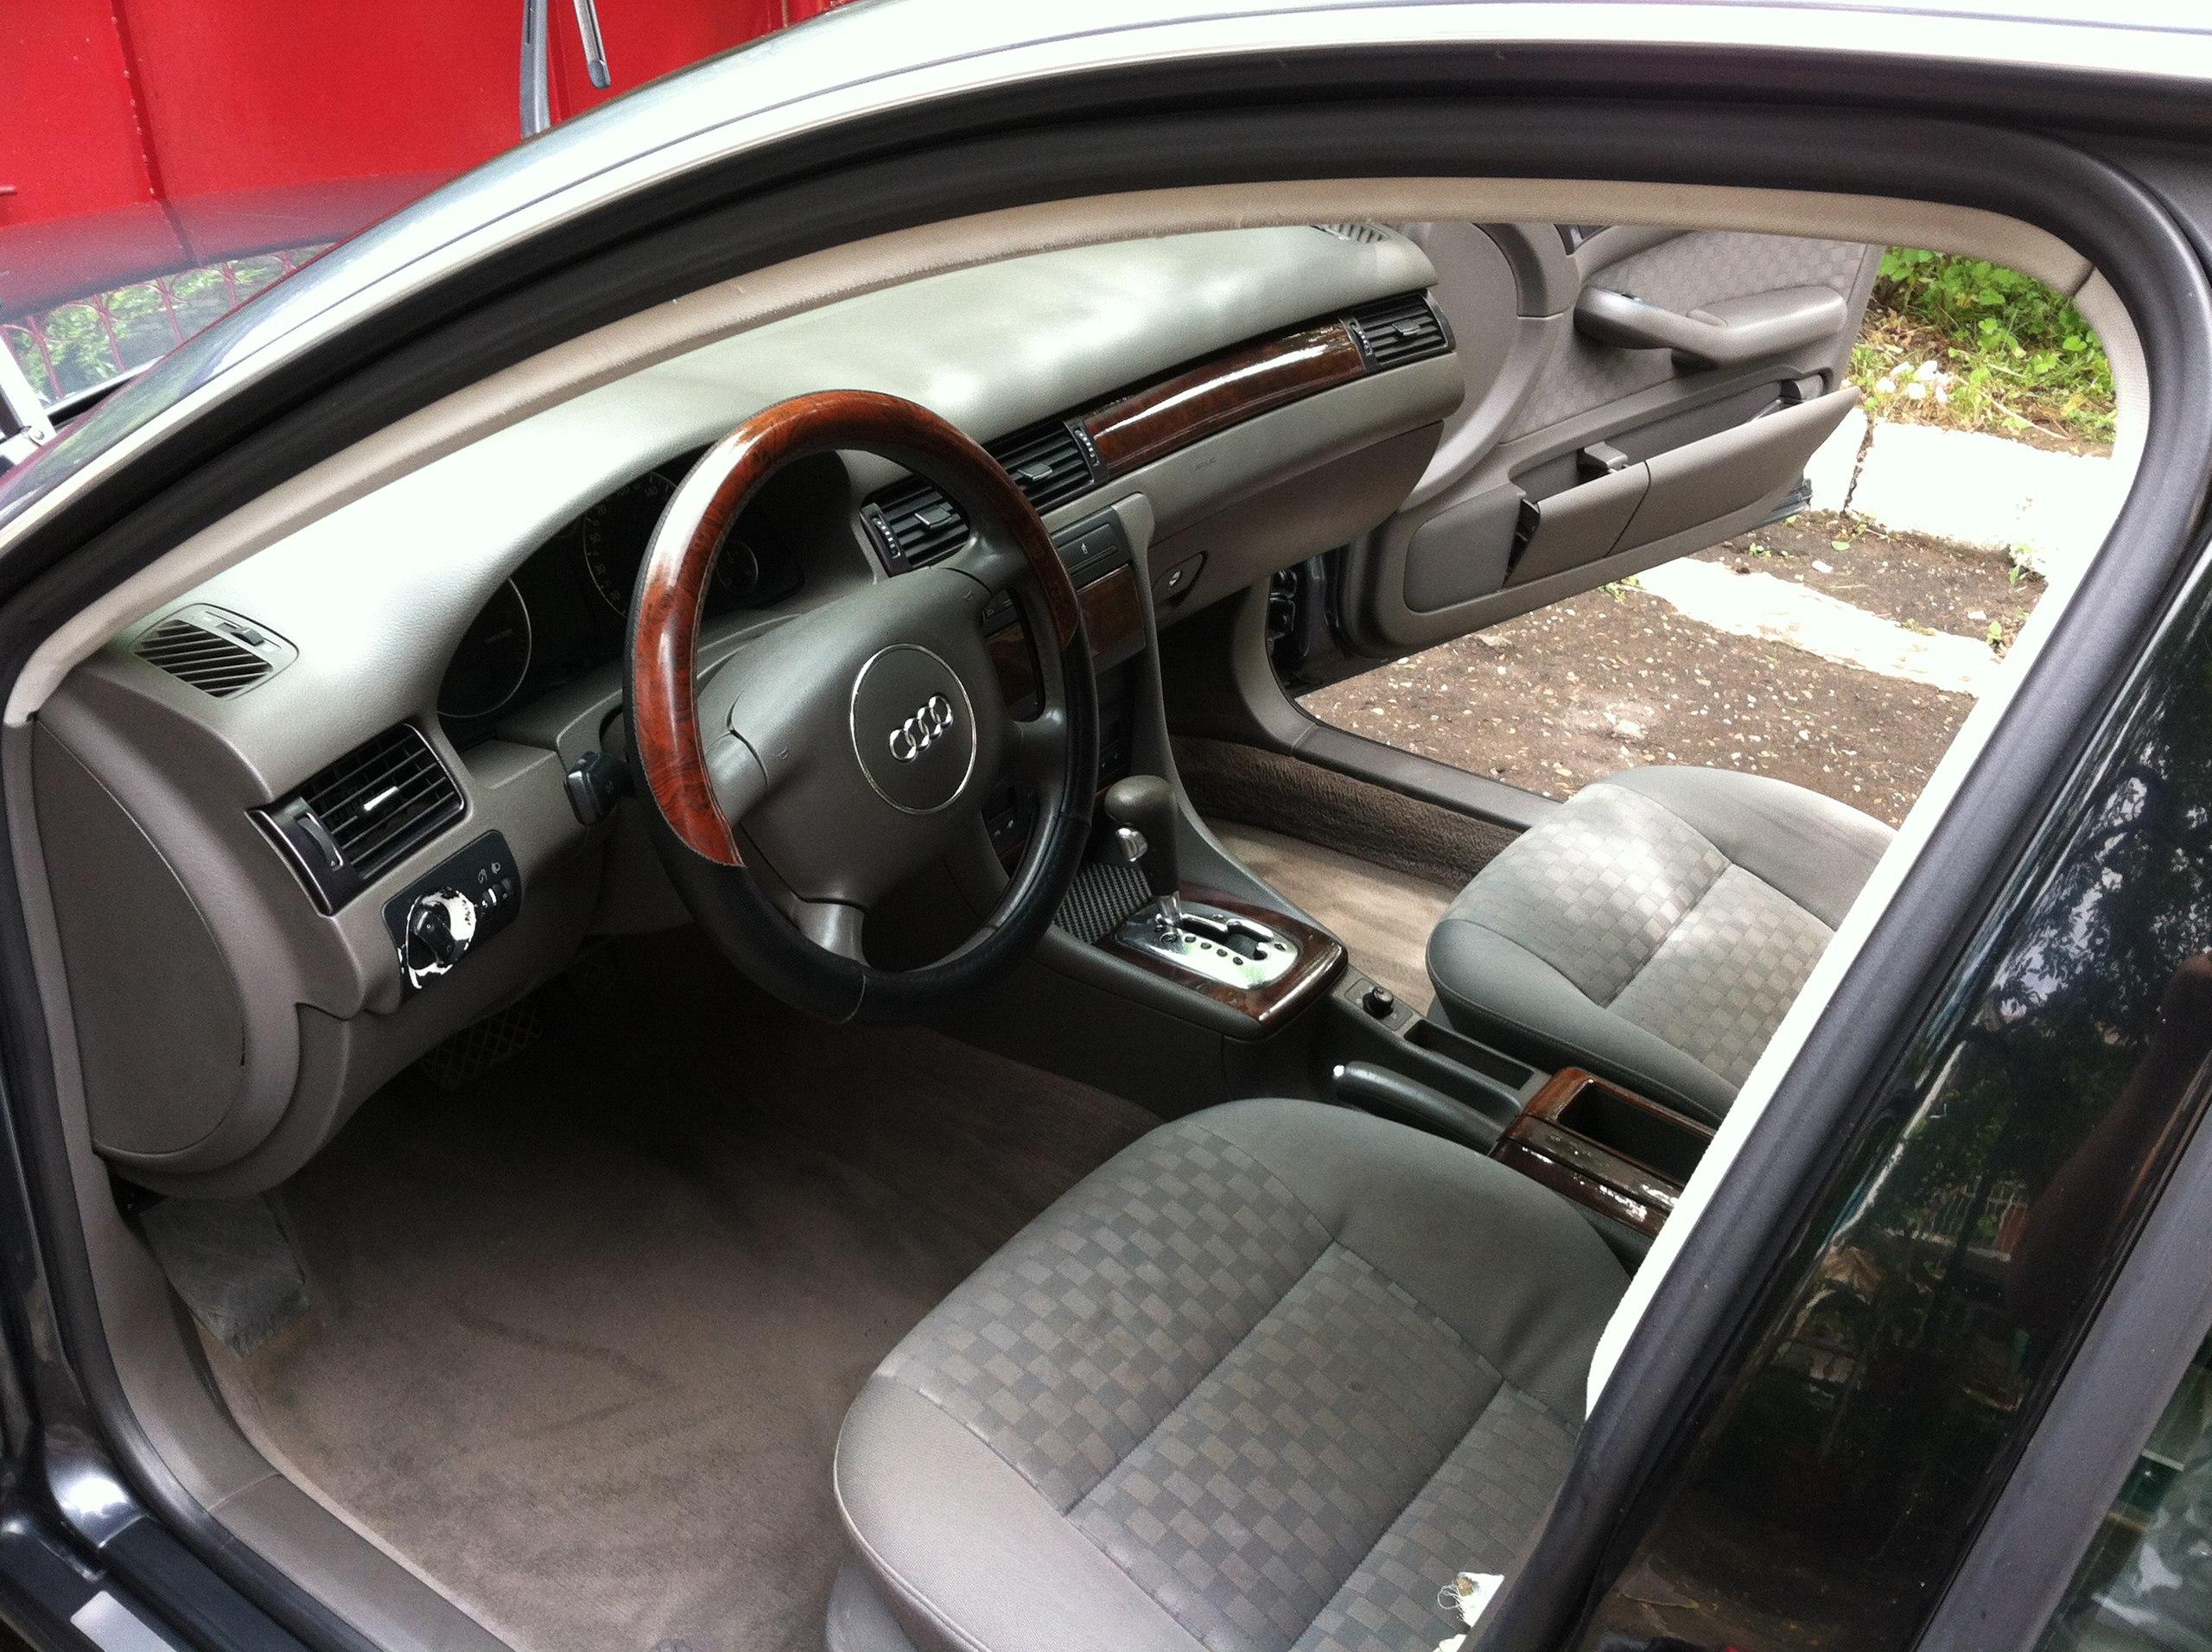 Audi A6 2004 год  2.5 TDI, BFC